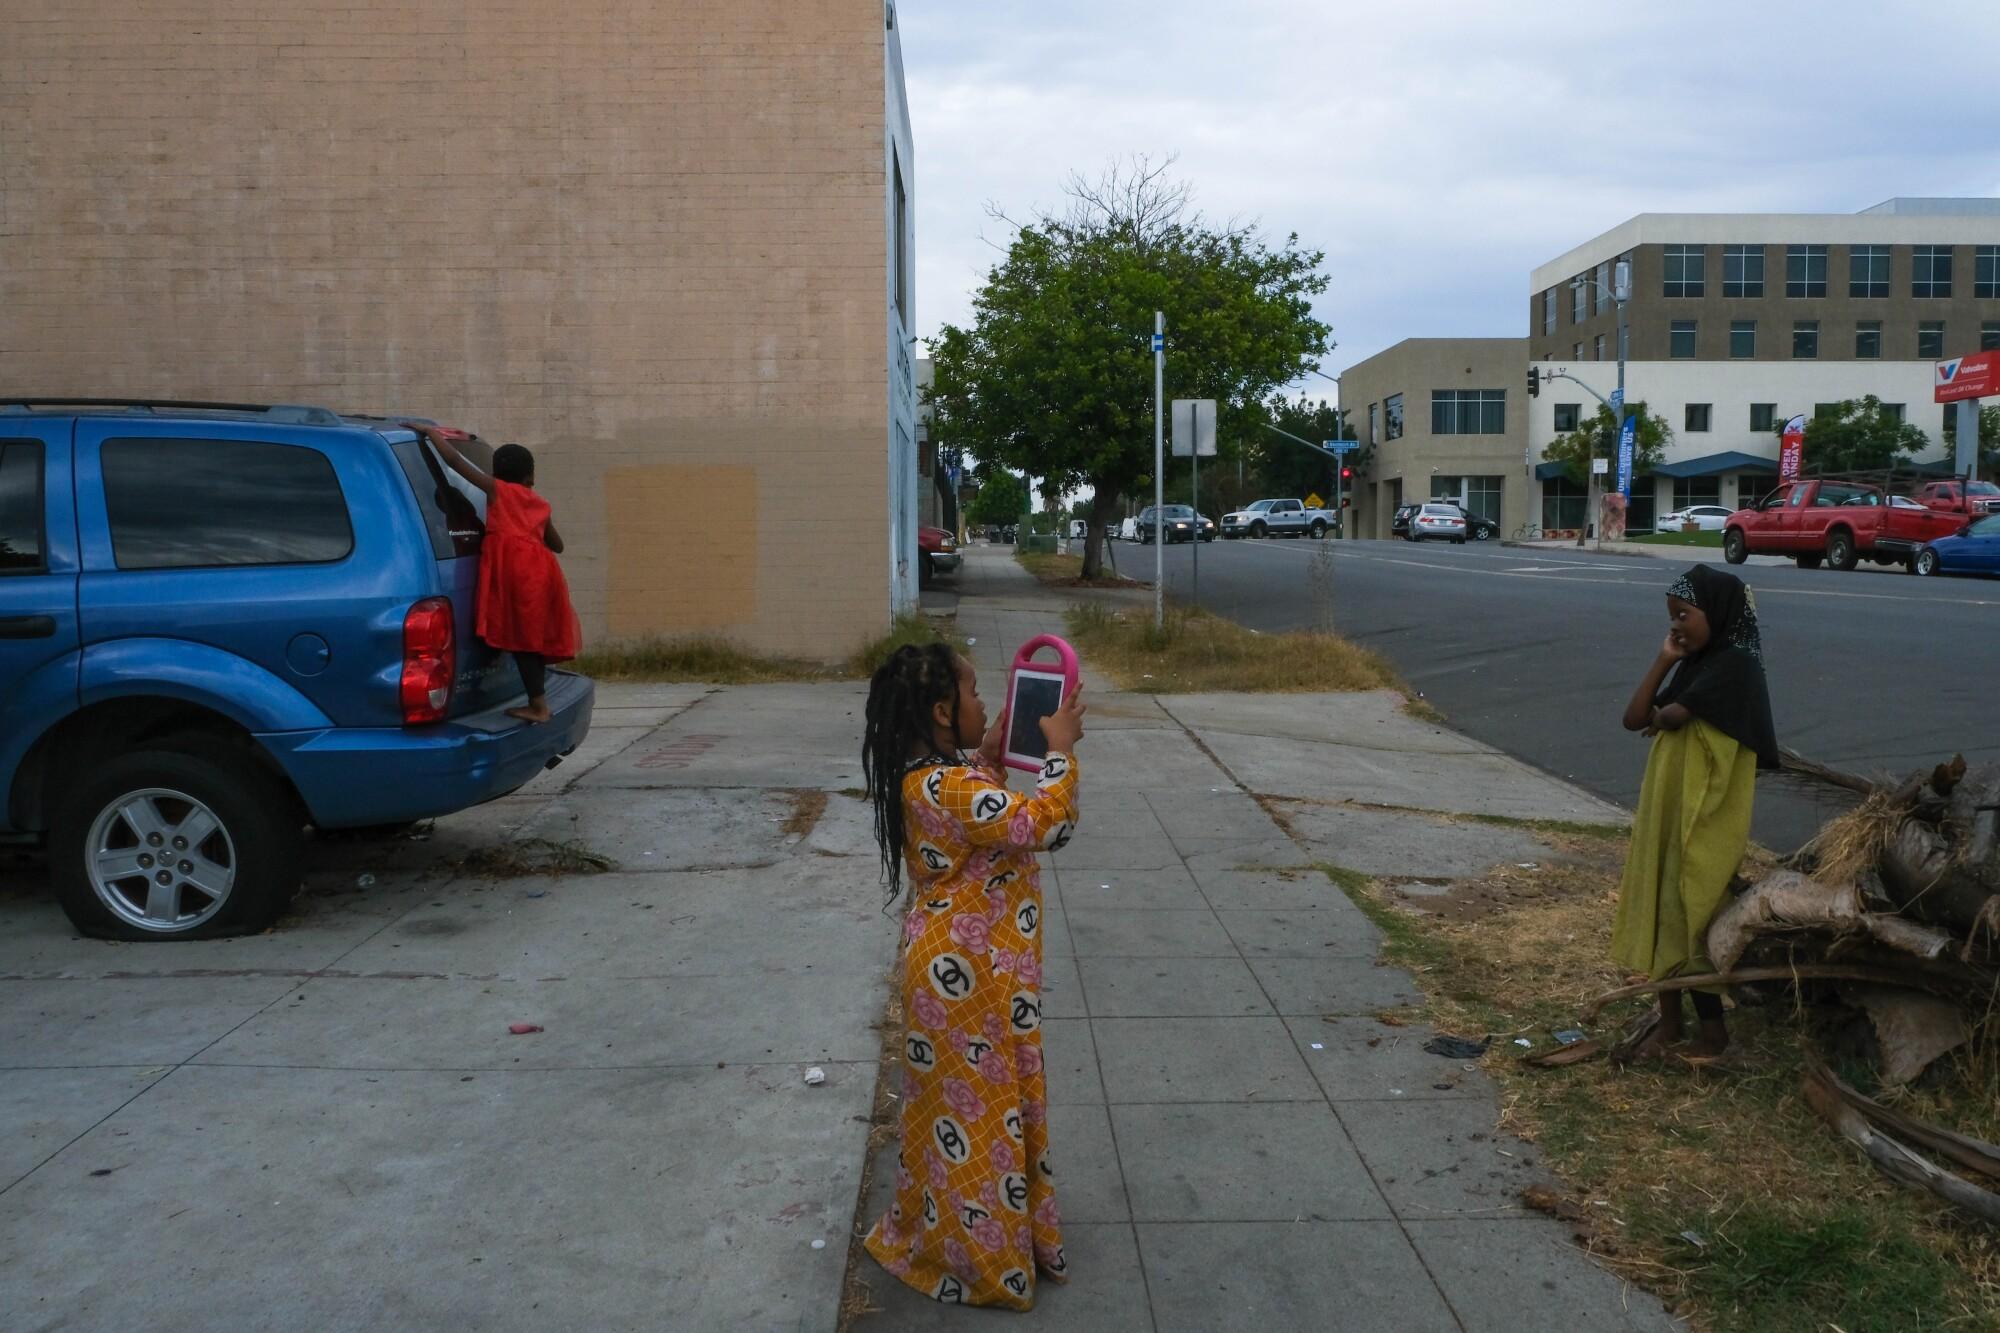 Sadiya, 7, and her cousins Nuriya, 7, and Safiya, 5, take and pose for photographs after class